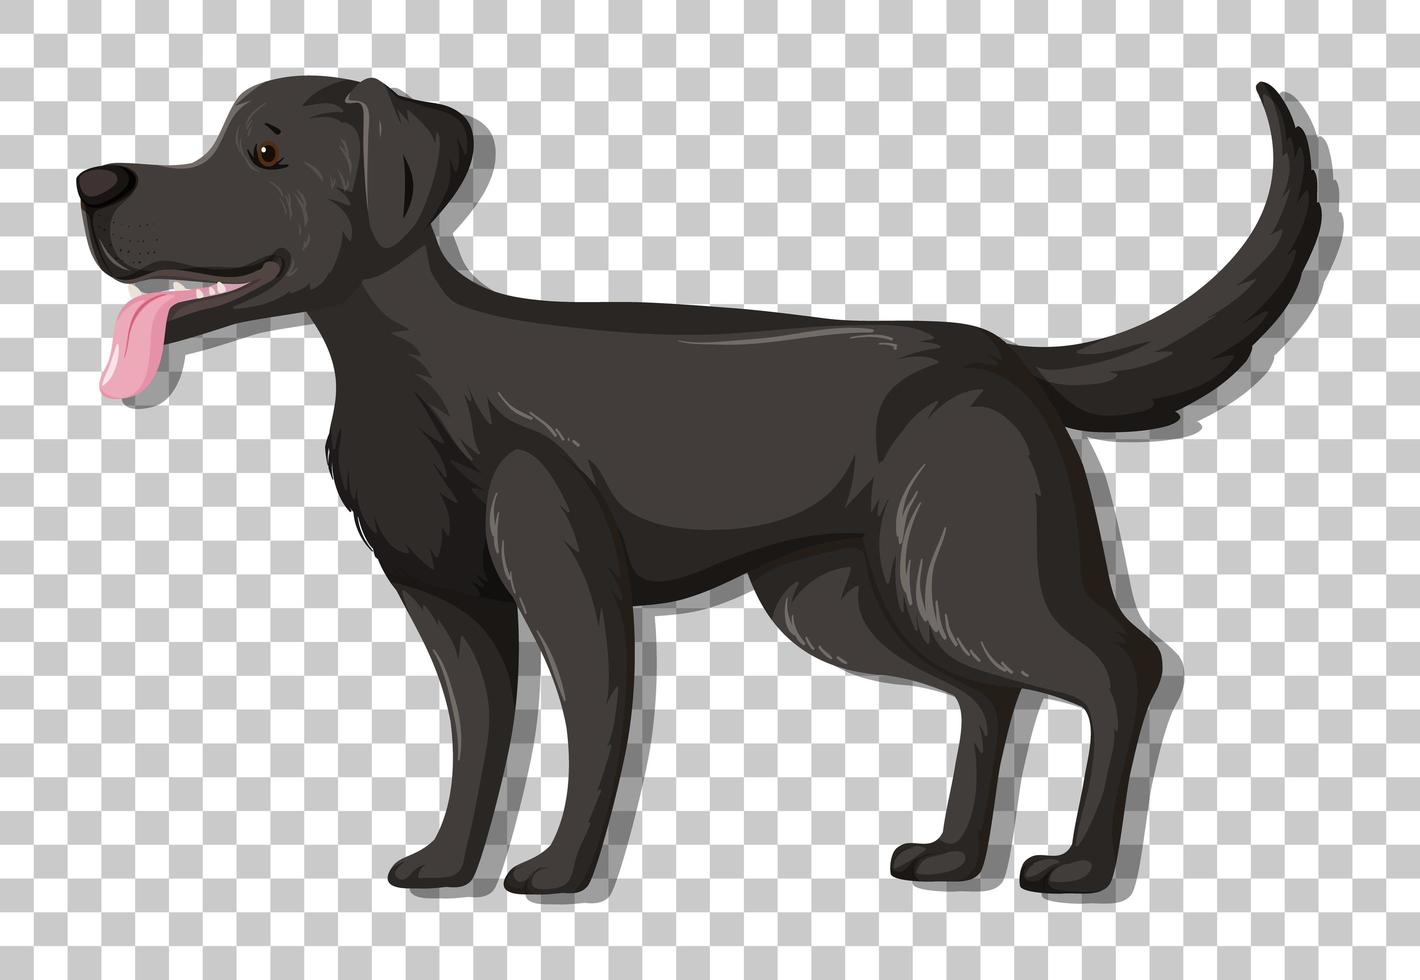 Labrador retriever negro en posición de pie personaje de dibujos animados aislado sobre fondo transparente vector